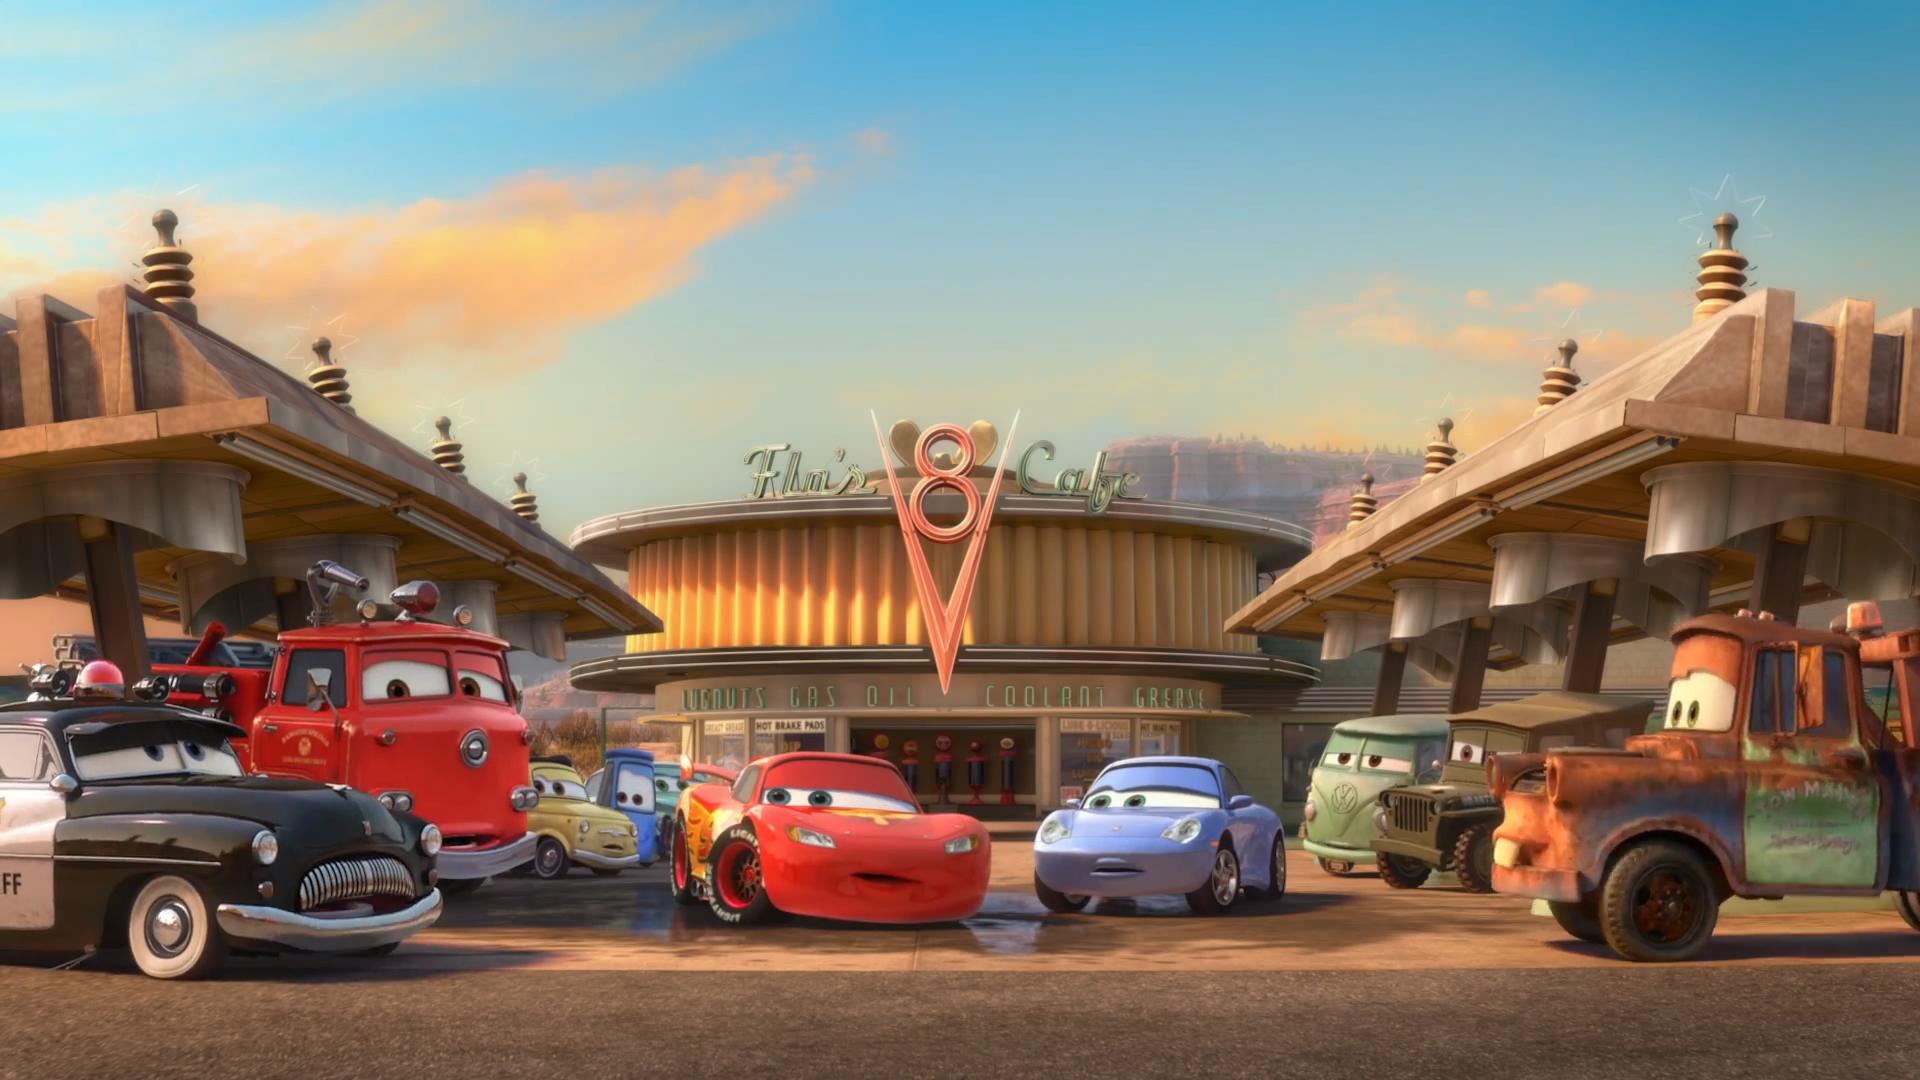 DisneyPixar Cars on Steam